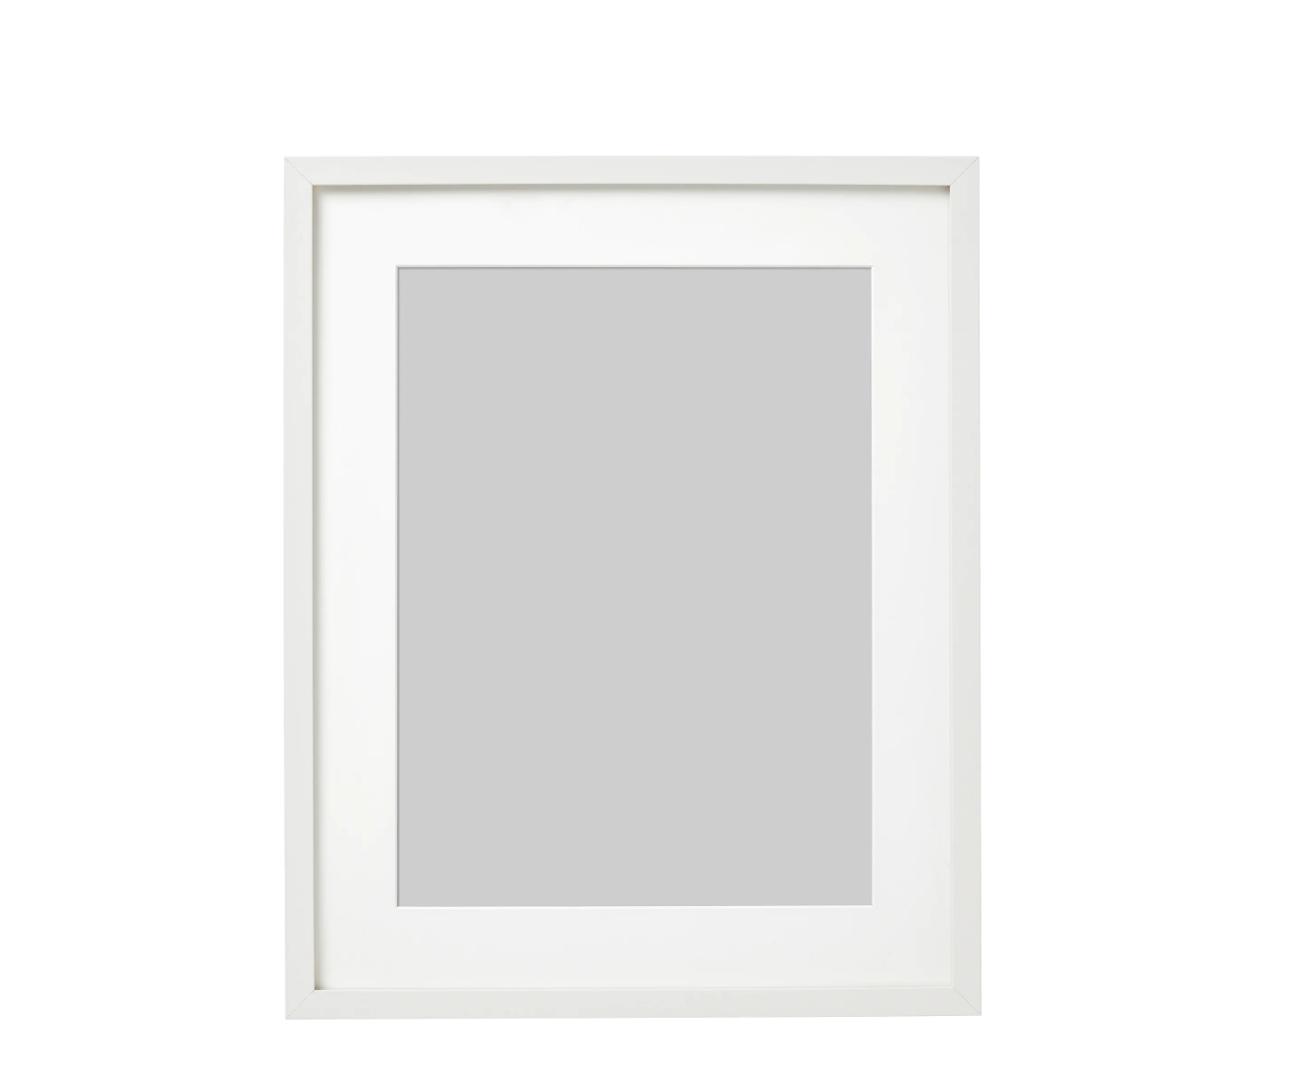 frame_IKEA 3